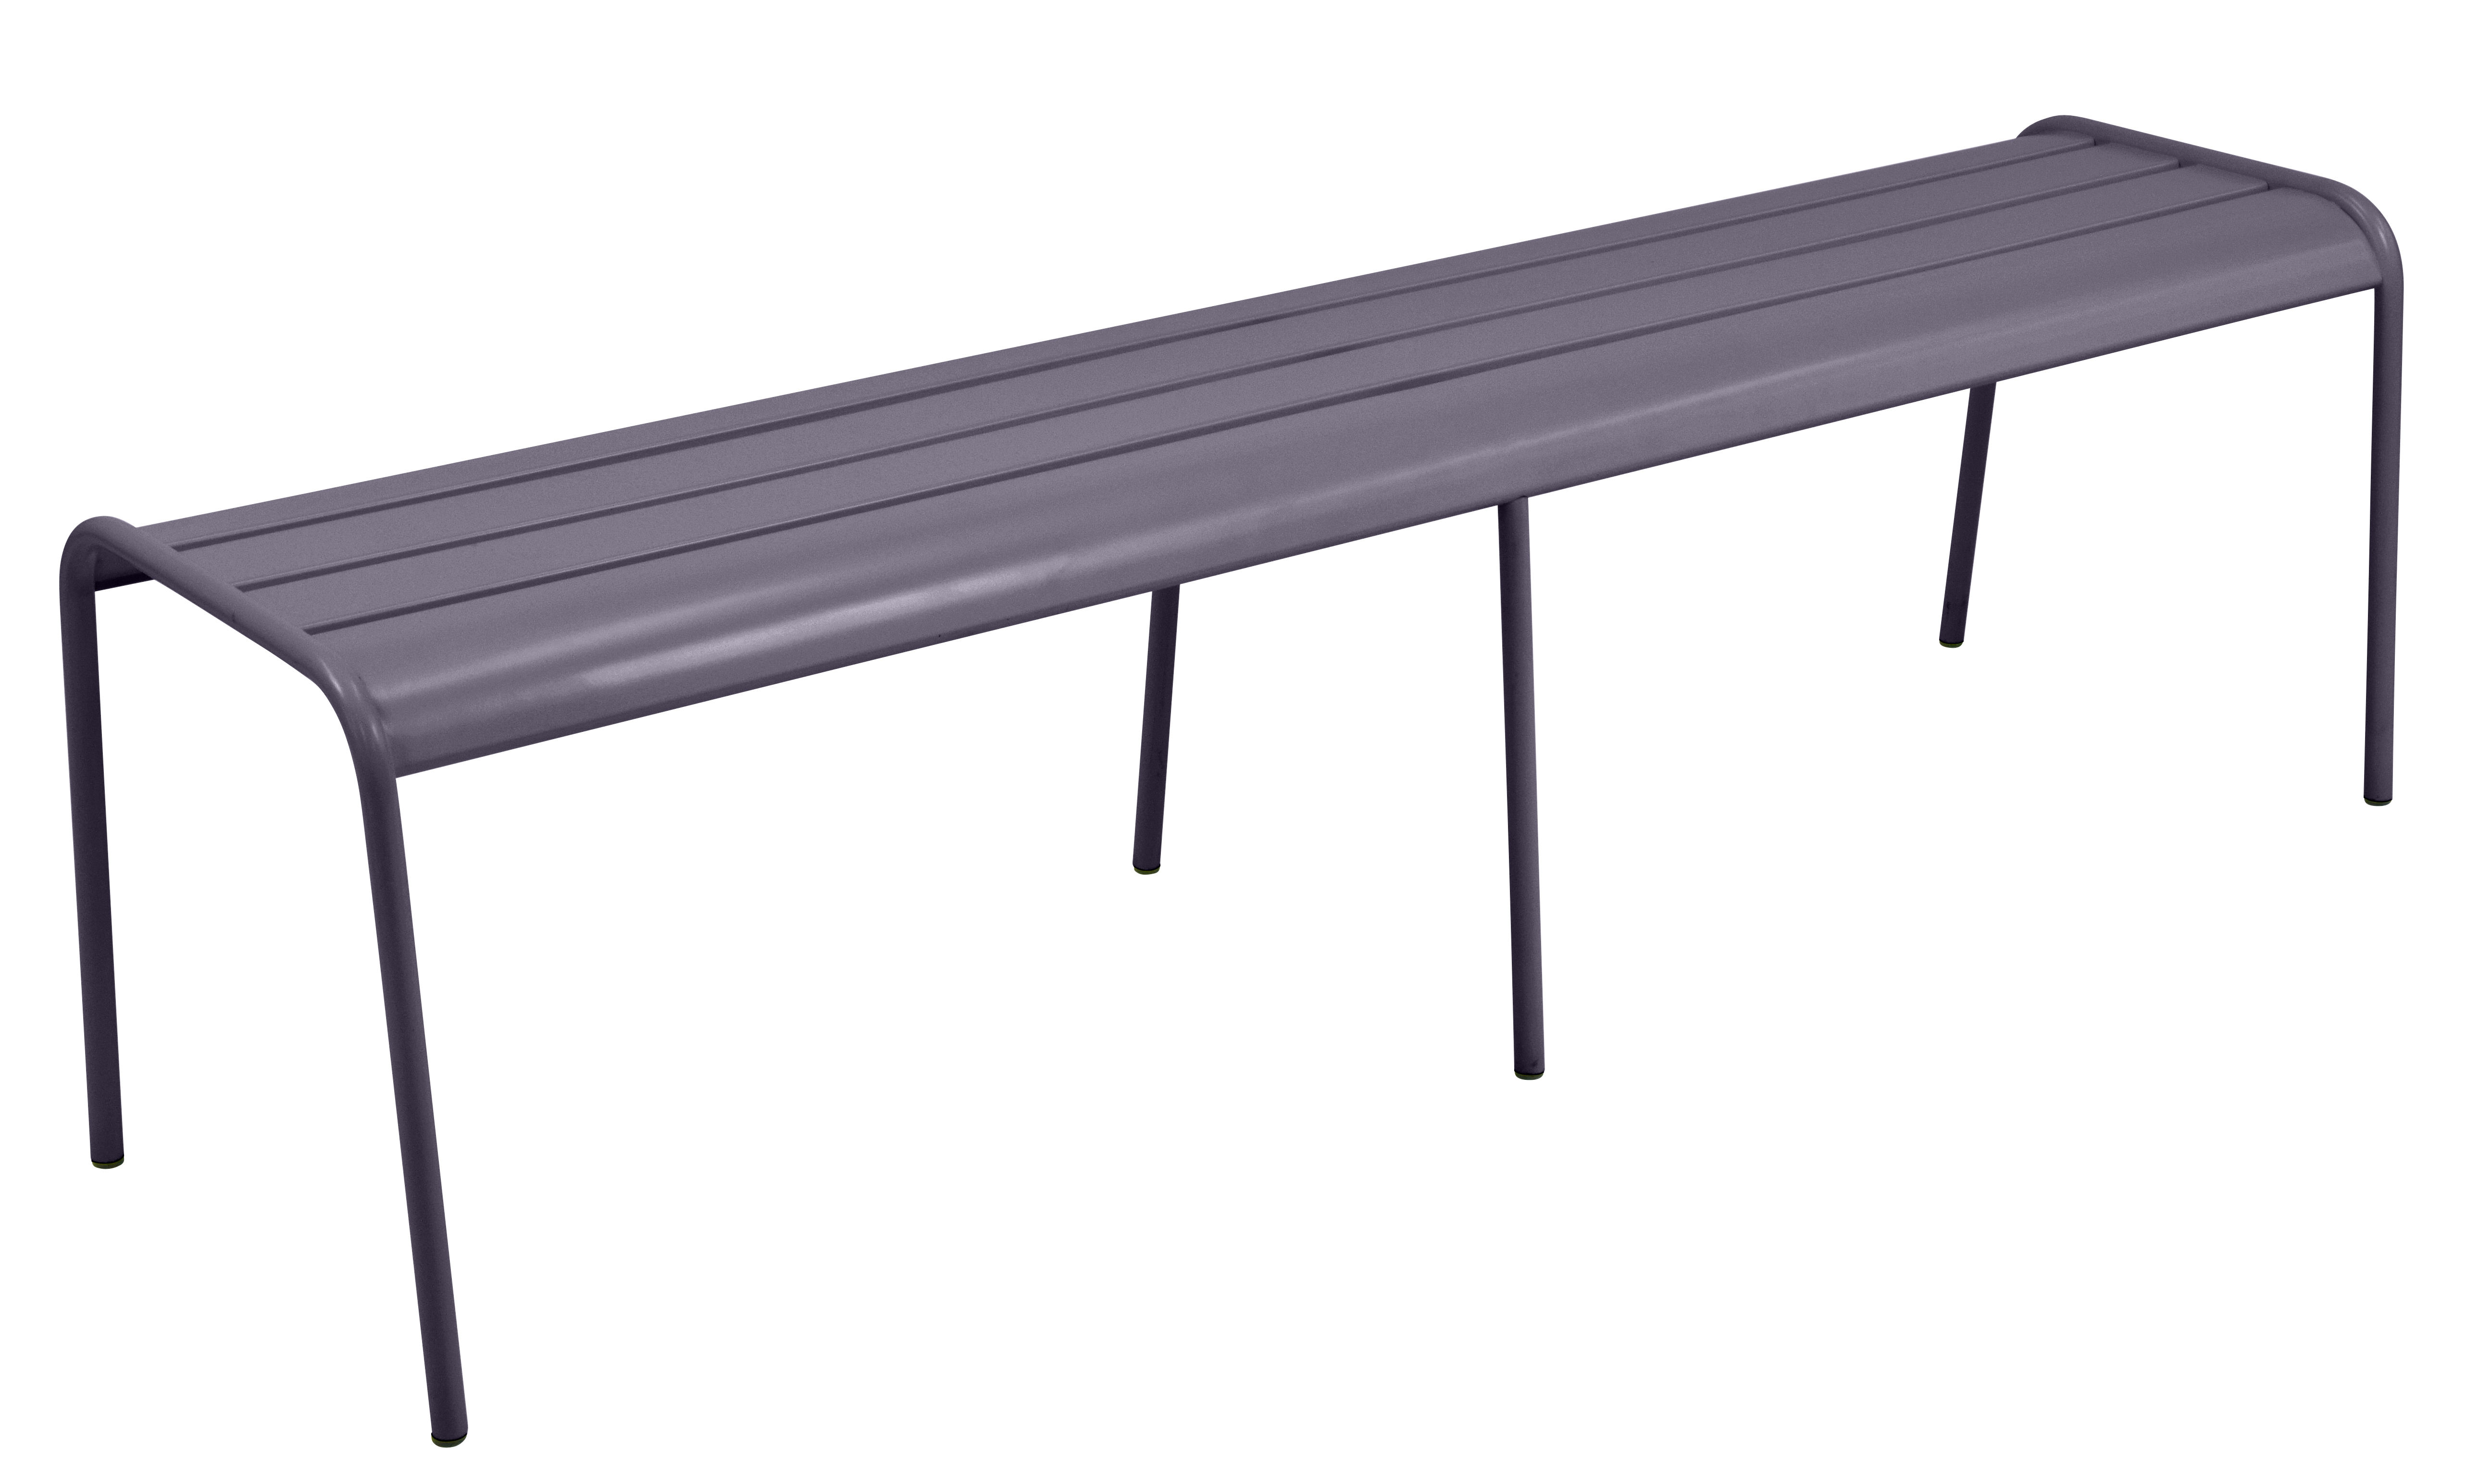 Möbel - Bänke - Monceau XL Bank / L 160 cm - 3- bis 4-Sitzer - Fermob - Pflaume - bemalter Stahl